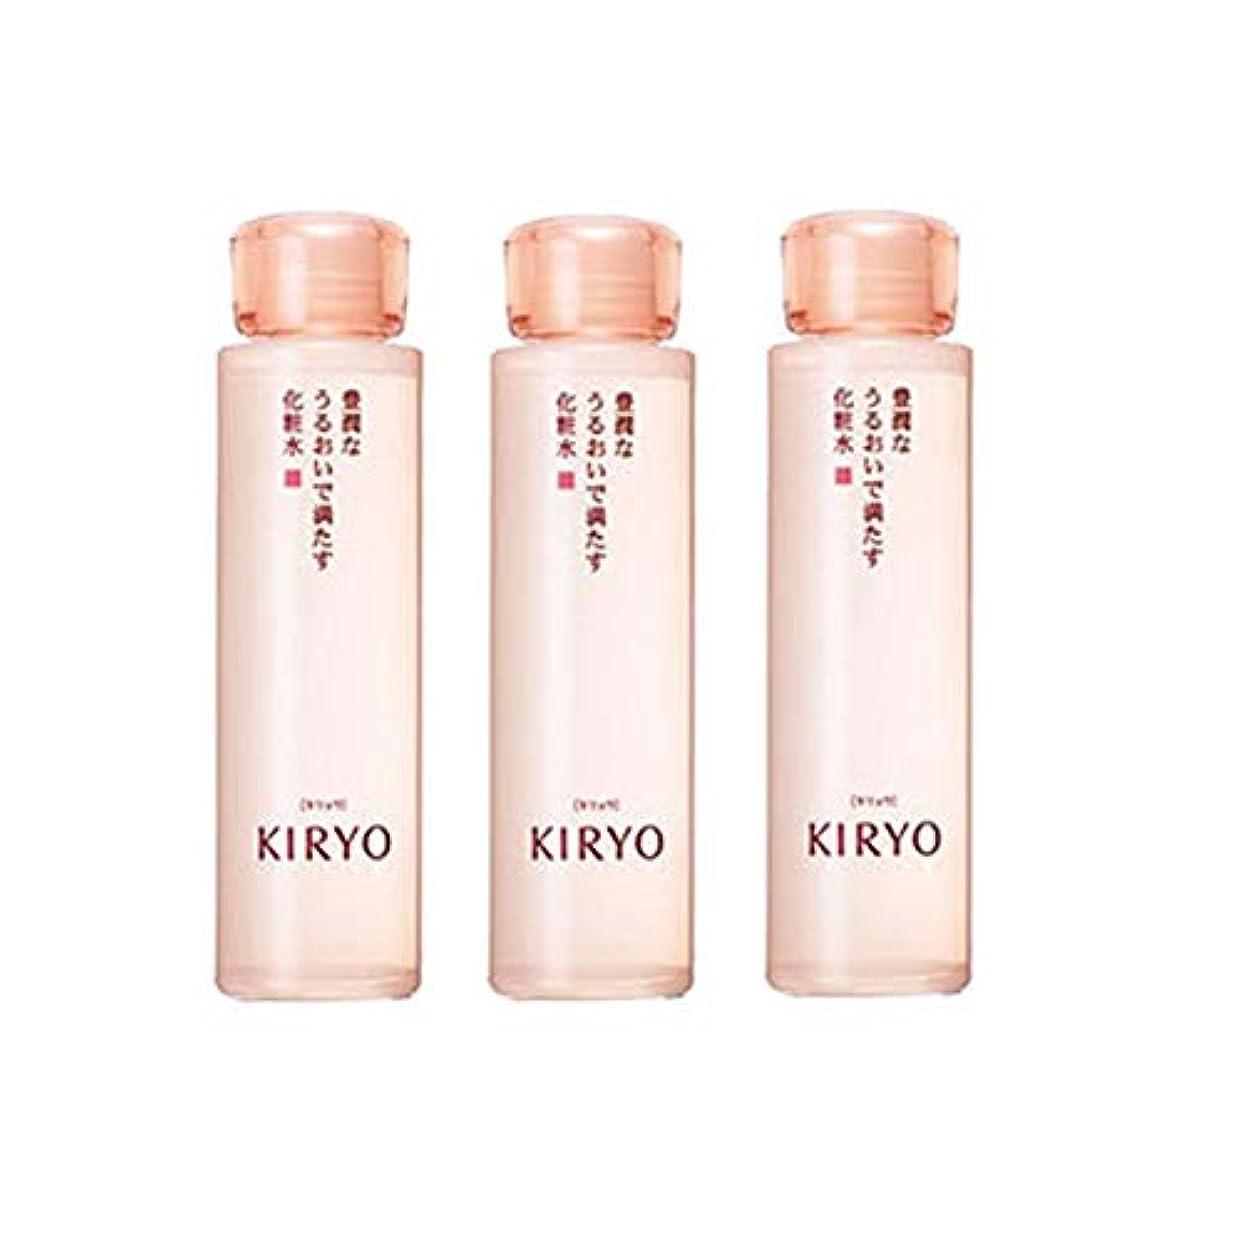 それ富マナー【資生堂】KIRYO キリョウ ローション II (しっとり)150mL ×3個セット【International shipping available】